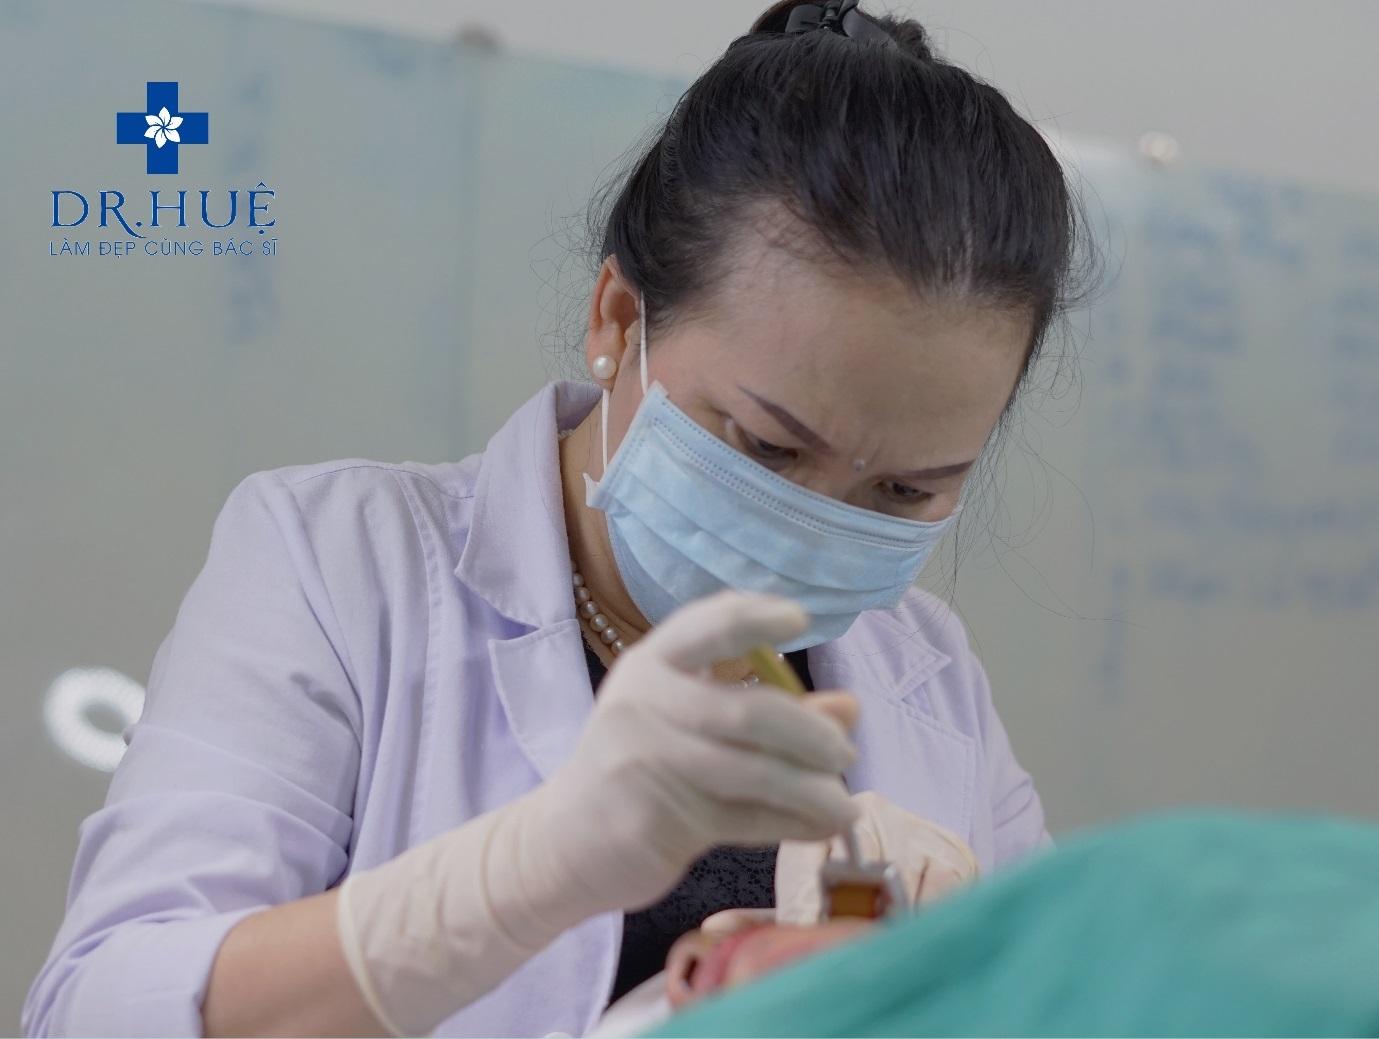 Cách khắc phục sẹo rỗ trên da mặt cho con trai - Dr Huệ - Hình 2